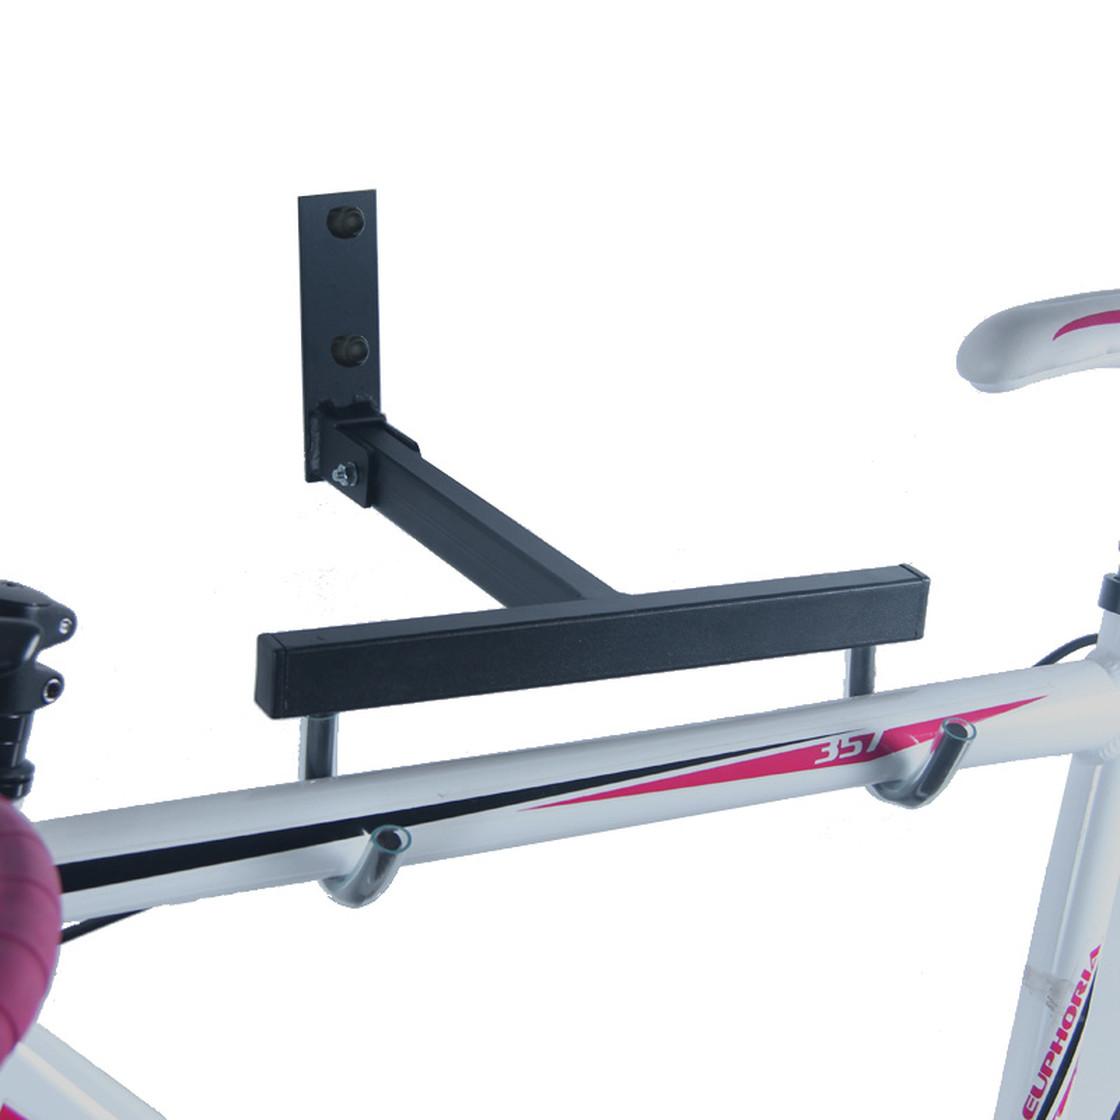 fahrradhalter mit zubeh r schwarz g nstig online kaufen. Black Bedroom Furniture Sets. Home Design Ideas